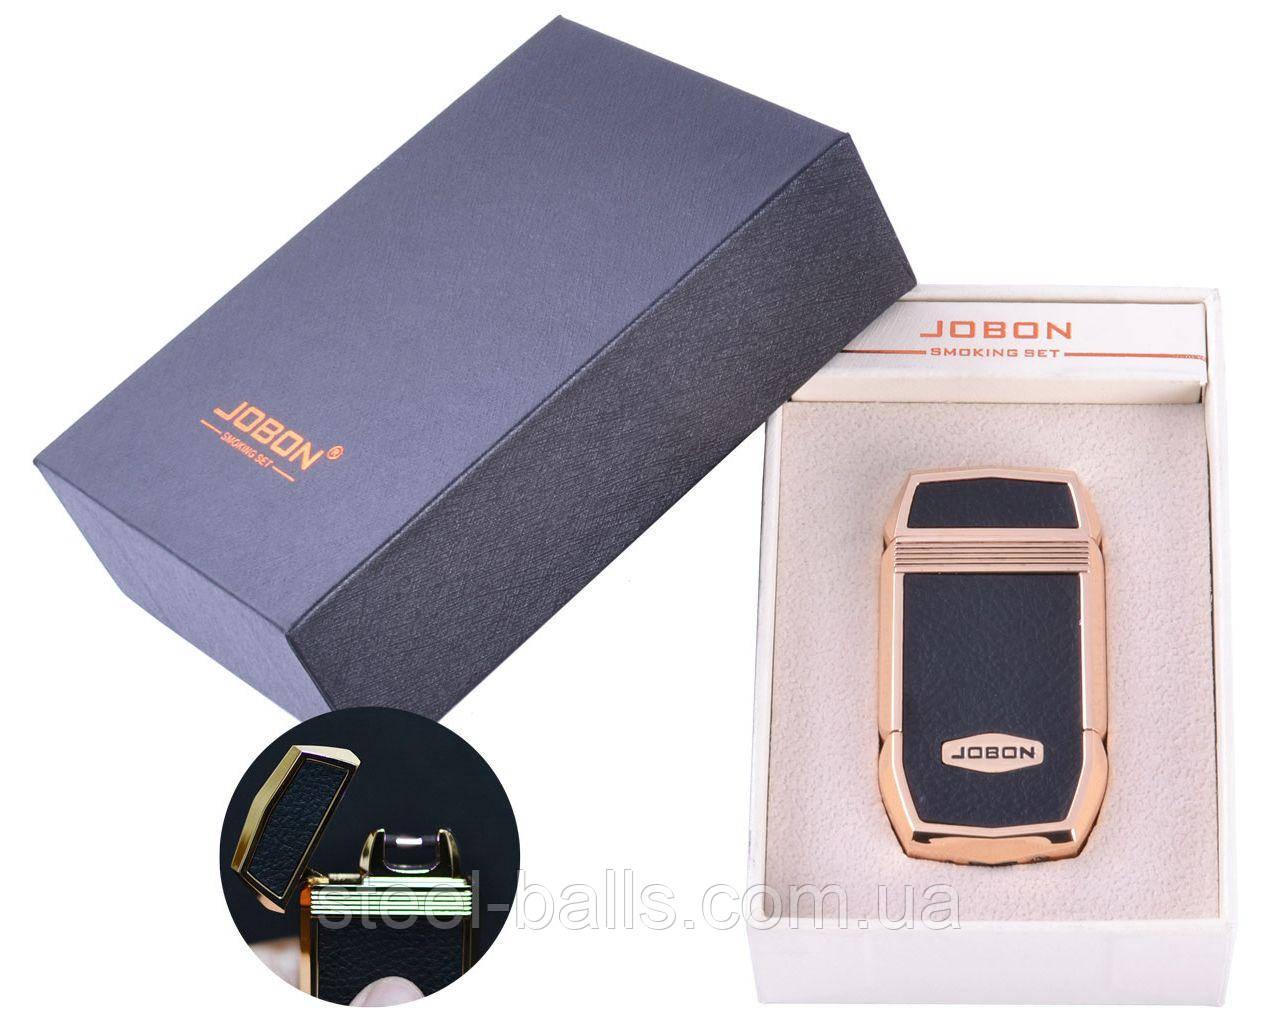 Электроимпульсная зажигалка в подарочной упаковке Jobon (USB)